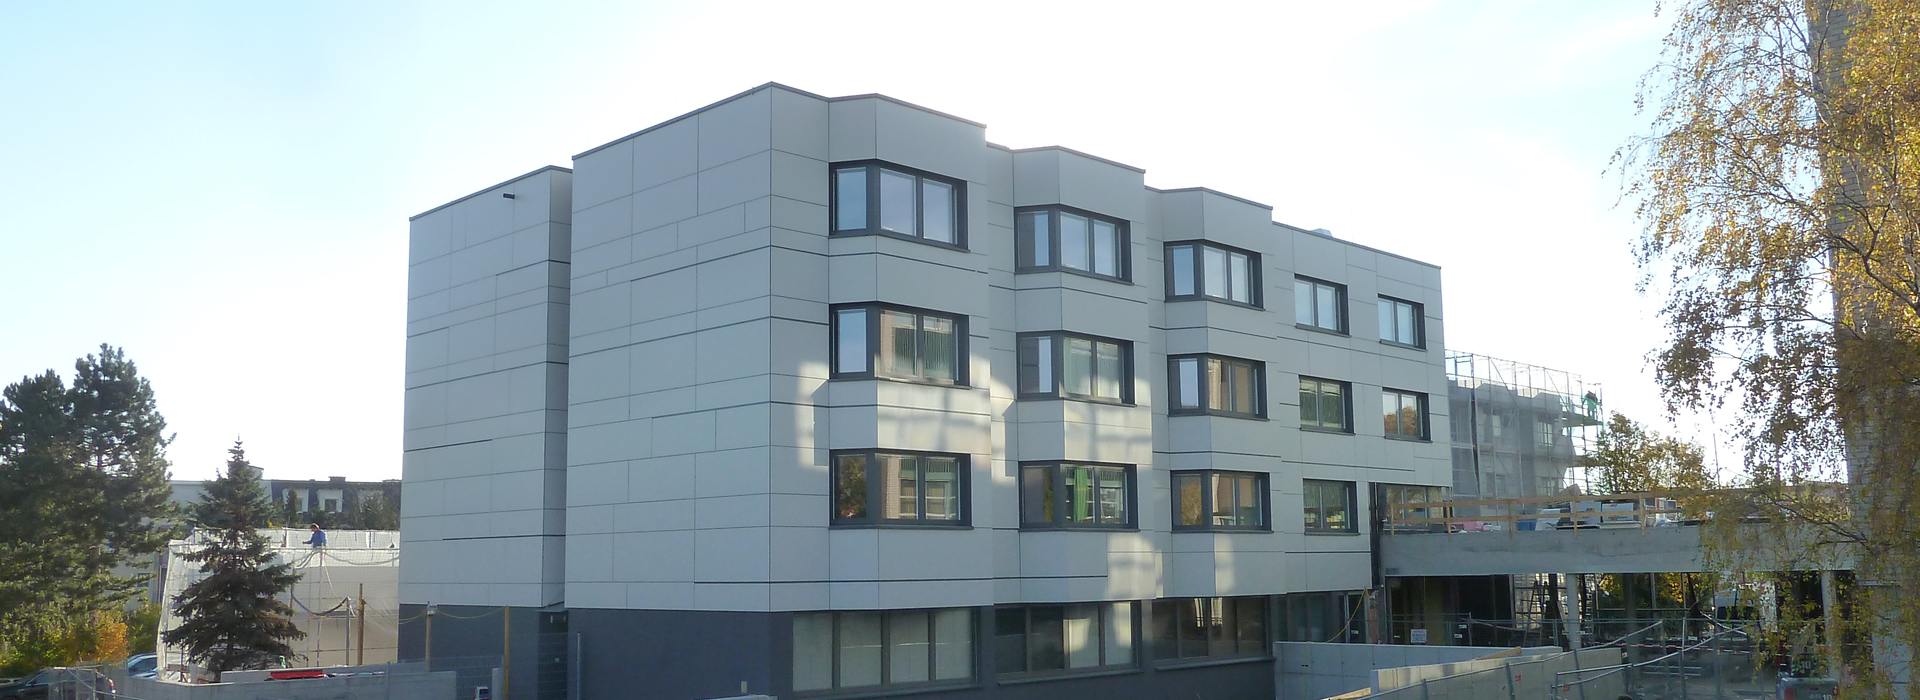 LBS Baden